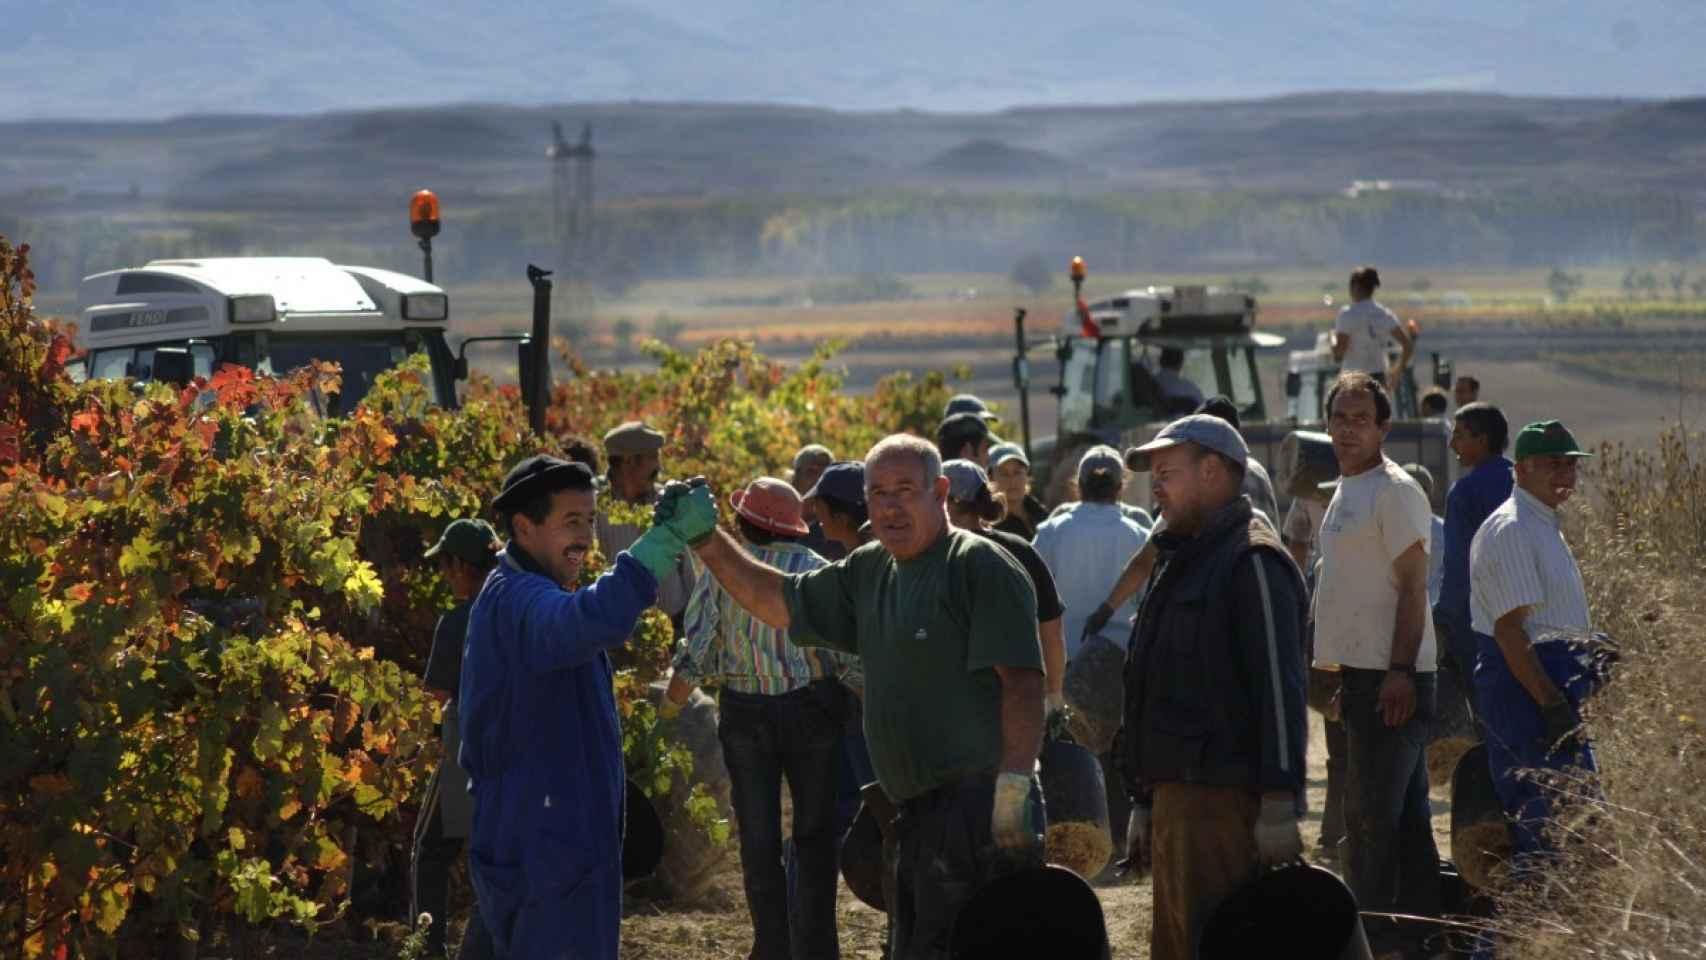 Cuadrillas de vendimiadores en uno de los terrenos de La Rioja.